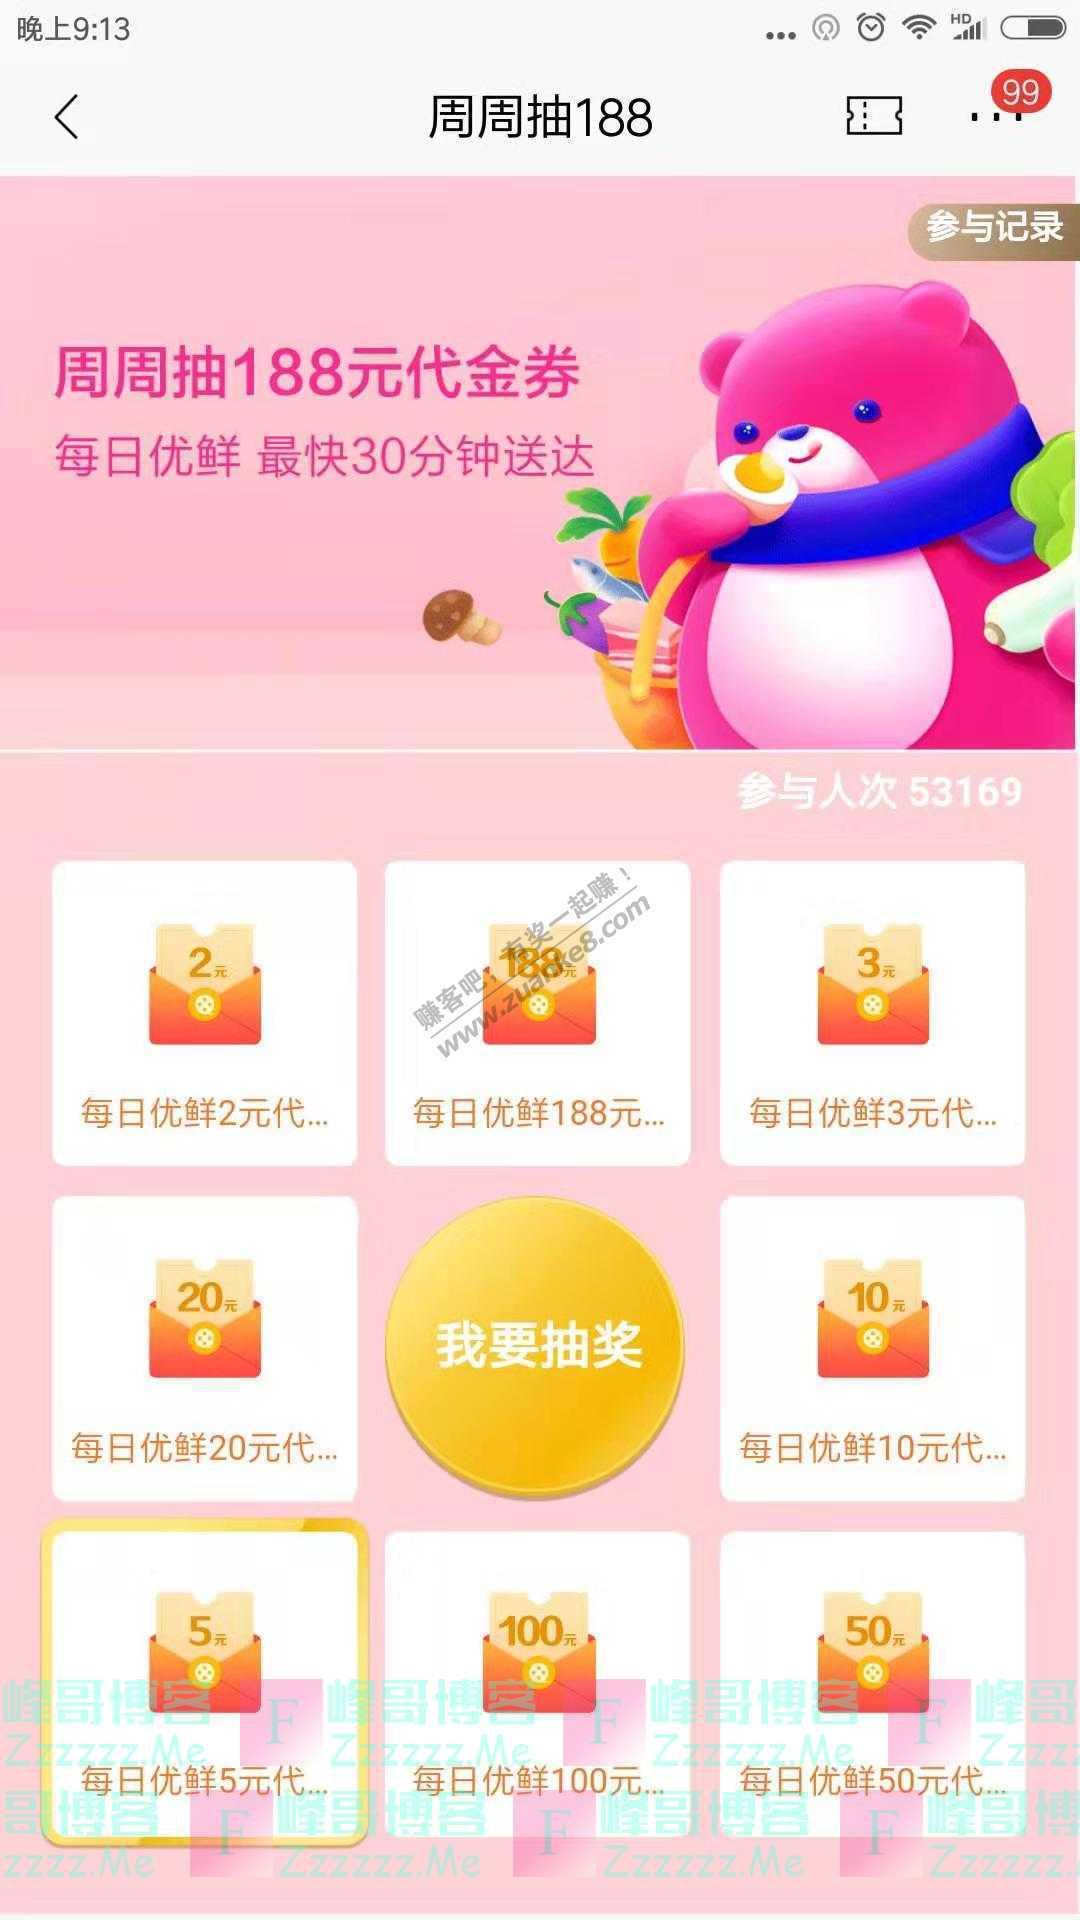 招商银行app周周抽188(截止12月31日)